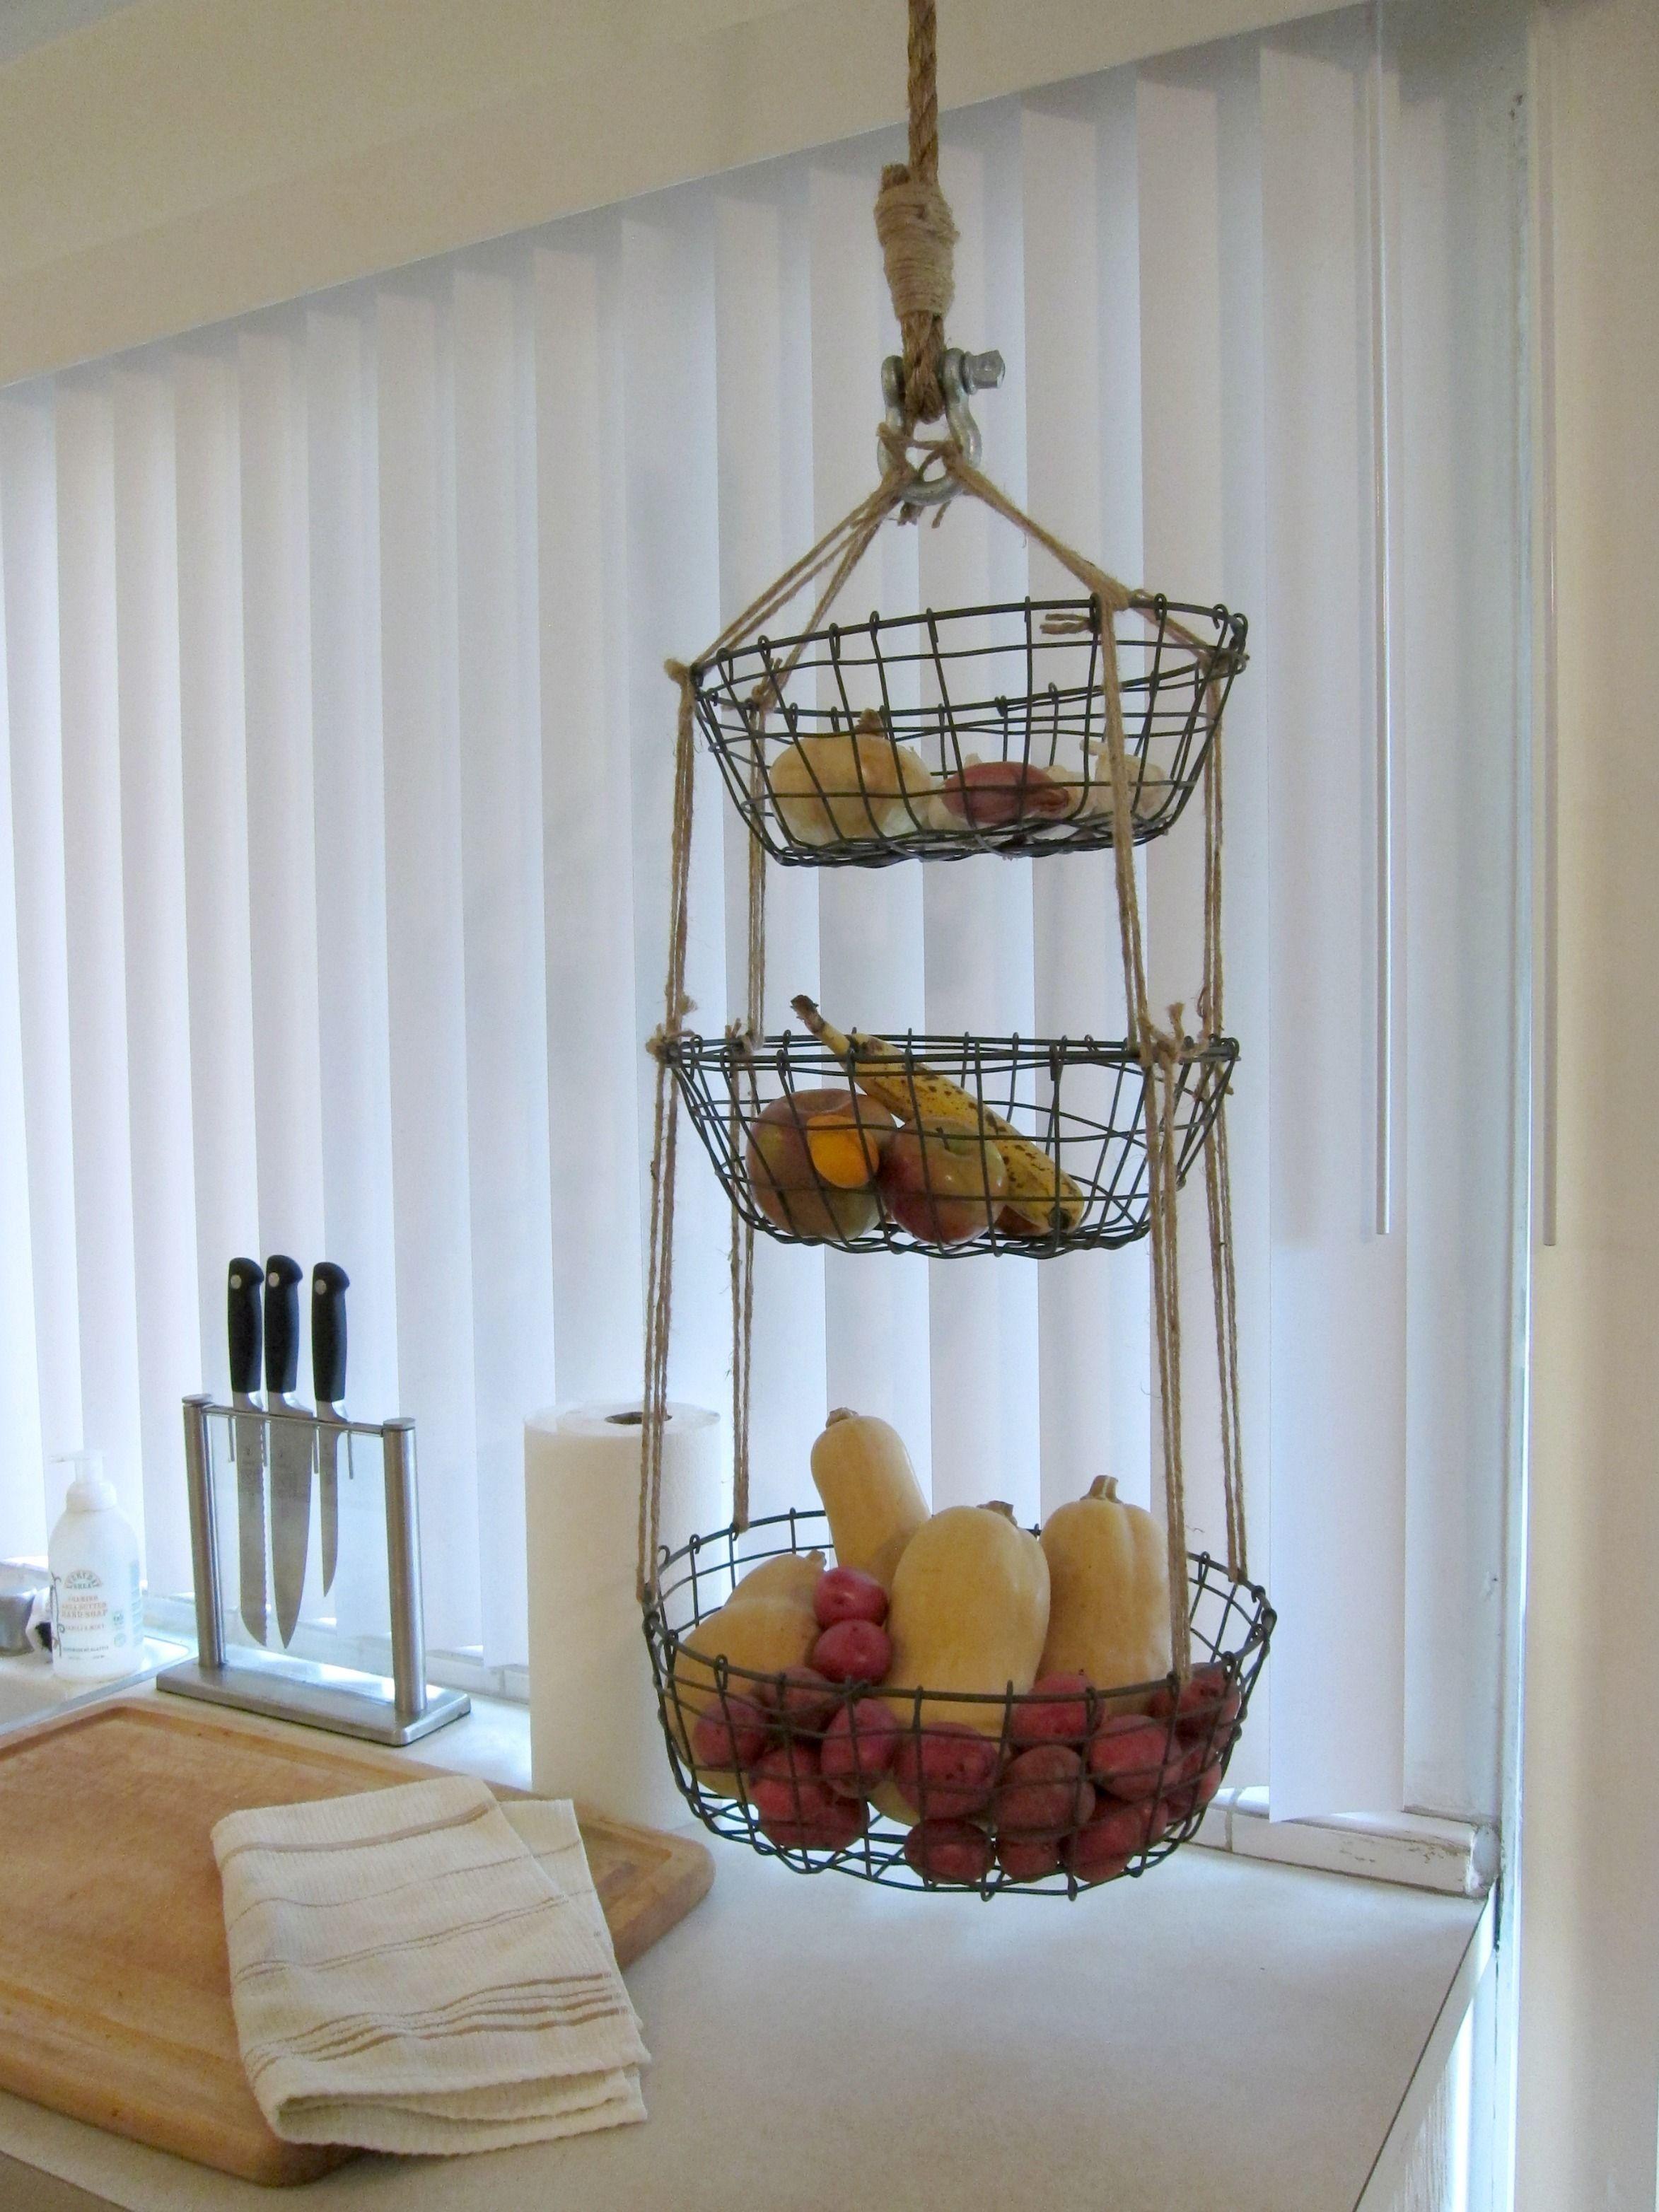 19 Diy Hanging Fruit Basket Ideas Hanging Baskets Kitchen